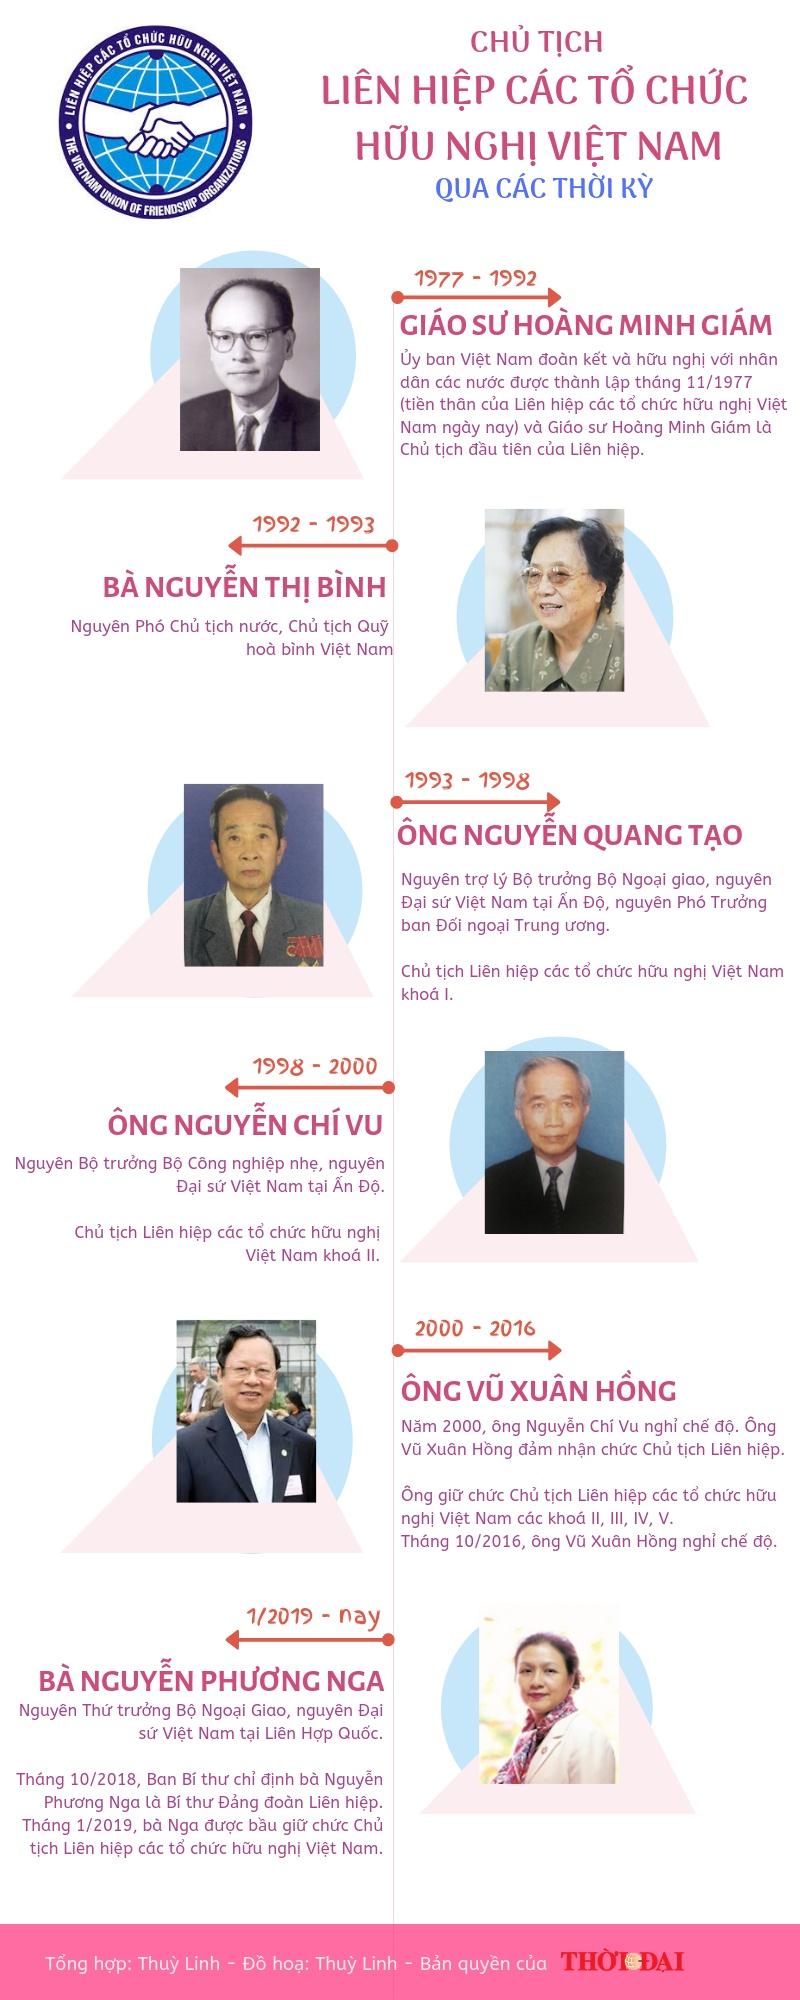 infographics chu tich lien hiep cac to chuc huu nghi viet nam qua cac thoi ky